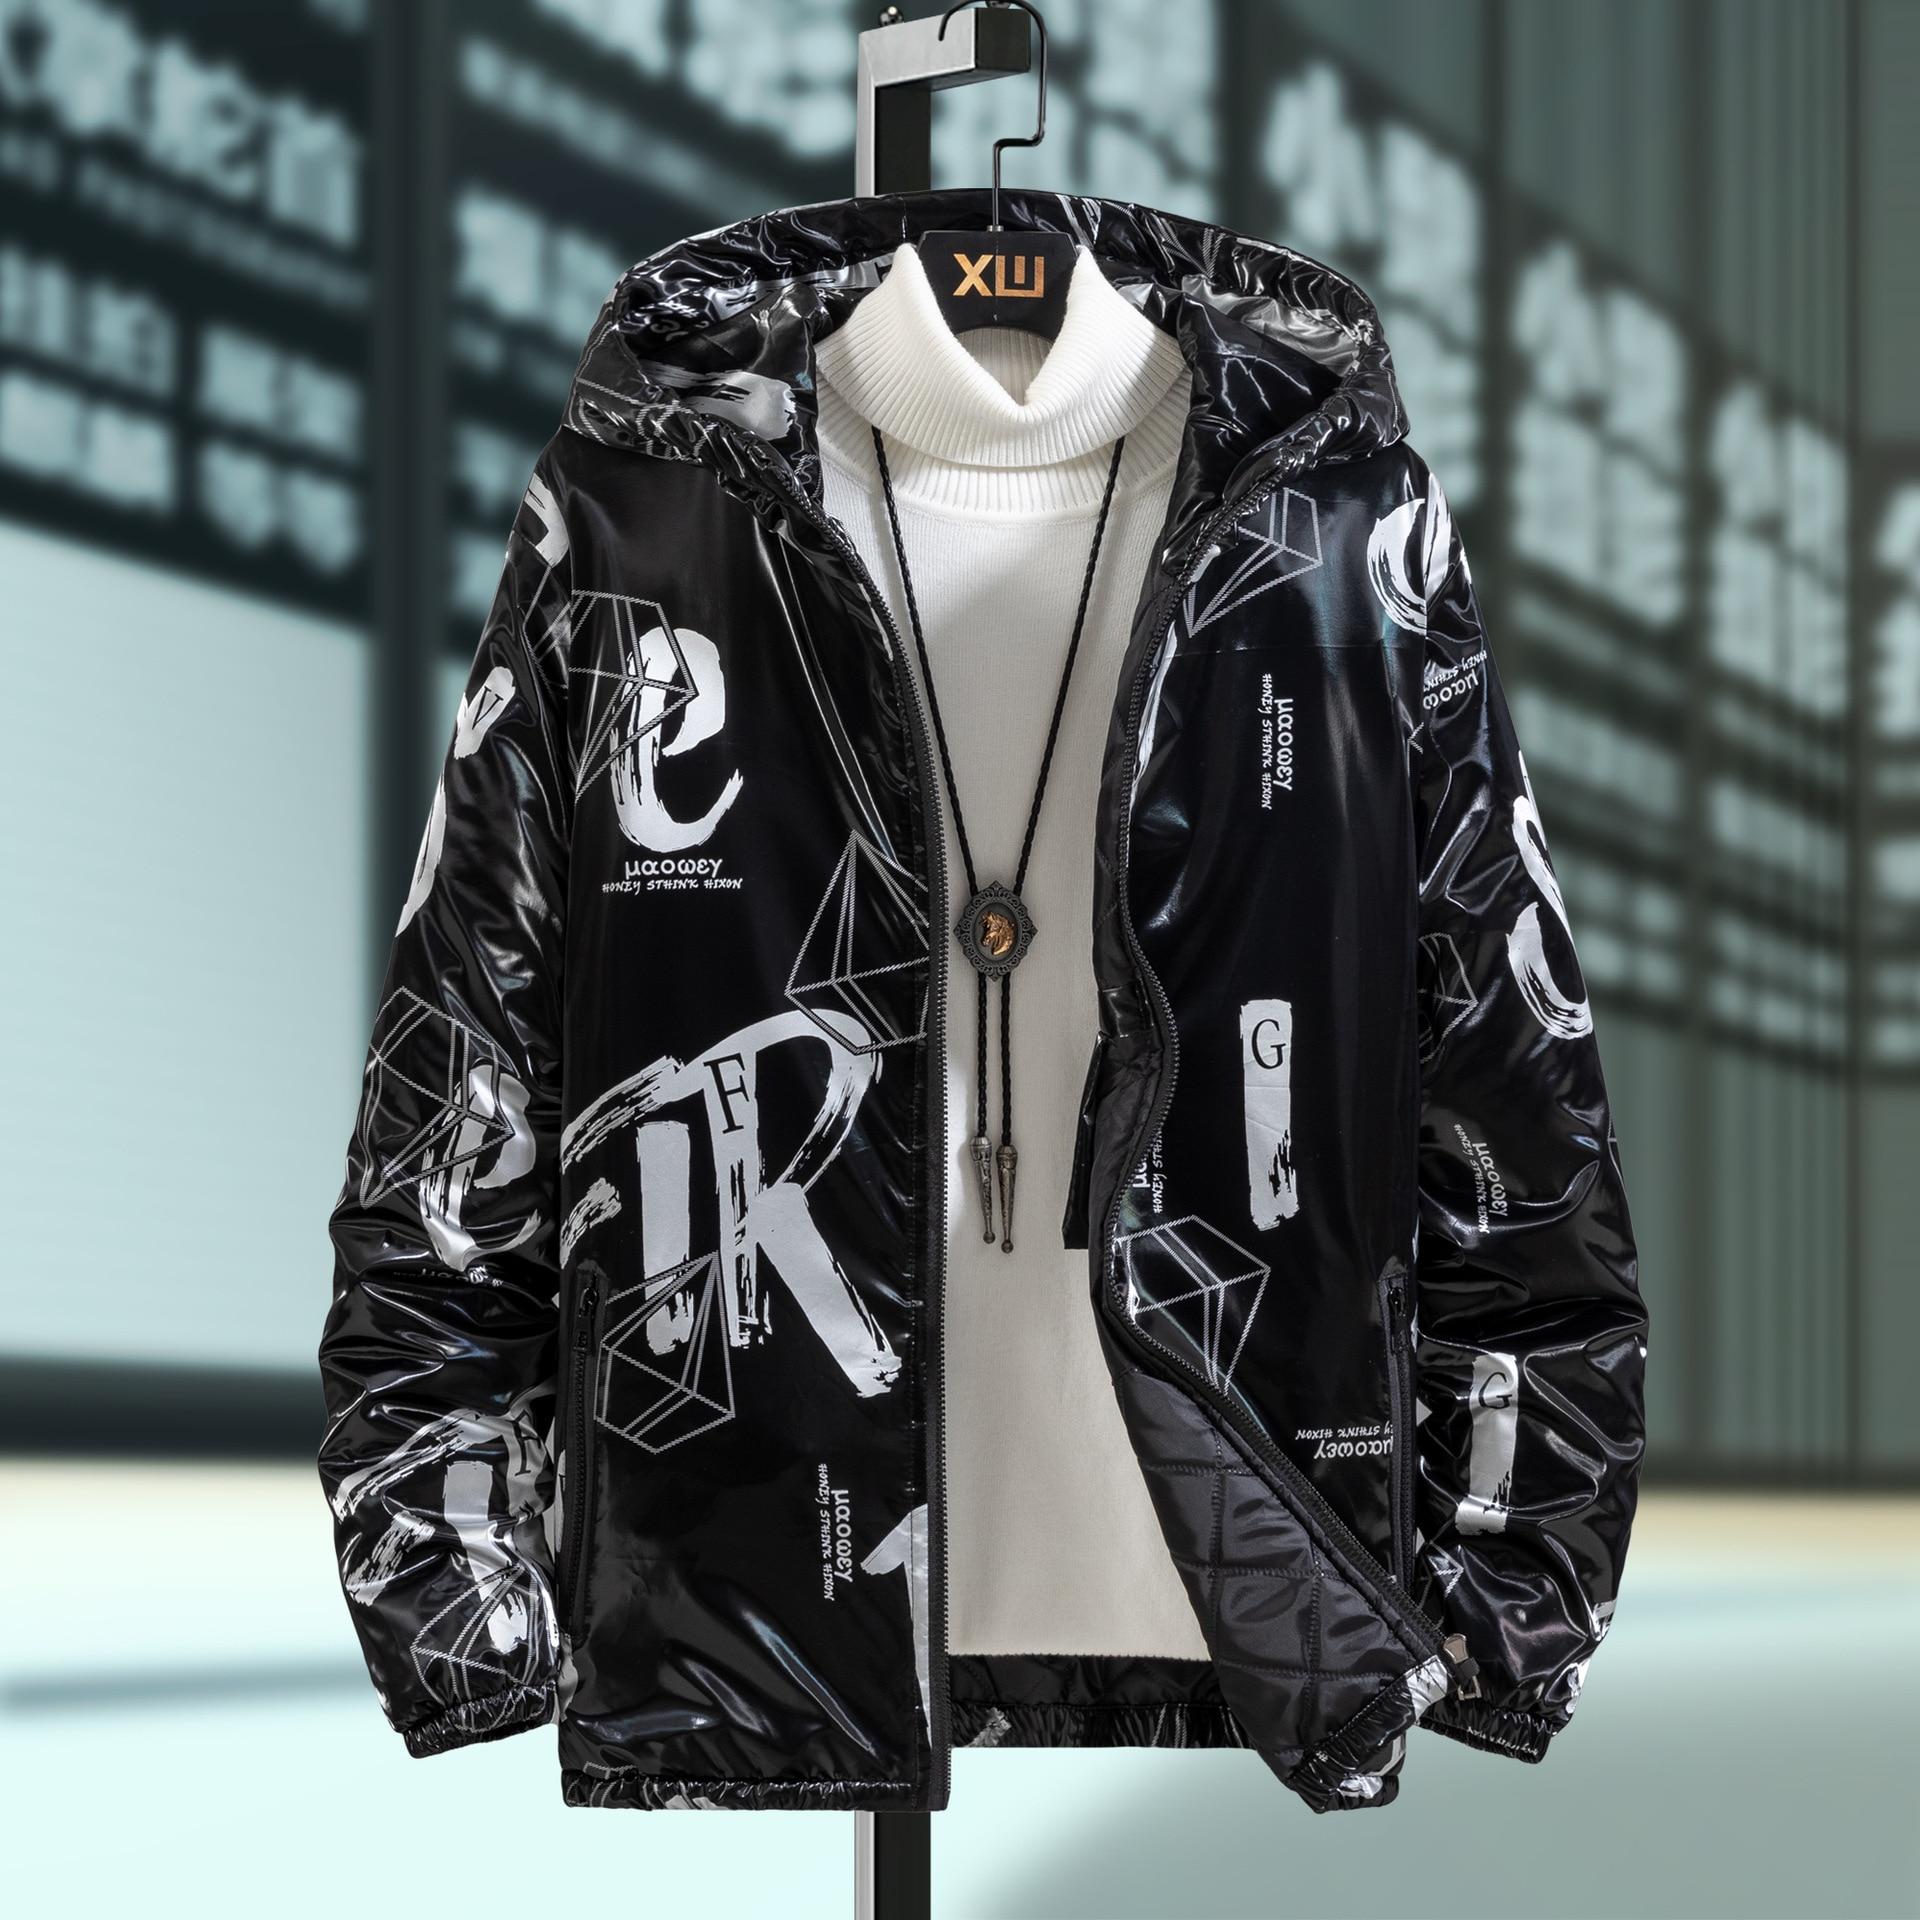 Ветрозащитная теплая Студенческая куртка, Молодежный пуховик из хлопка, новая зимняя Глянцевая Водонепроницаемая Мужская куртка с капюшон...